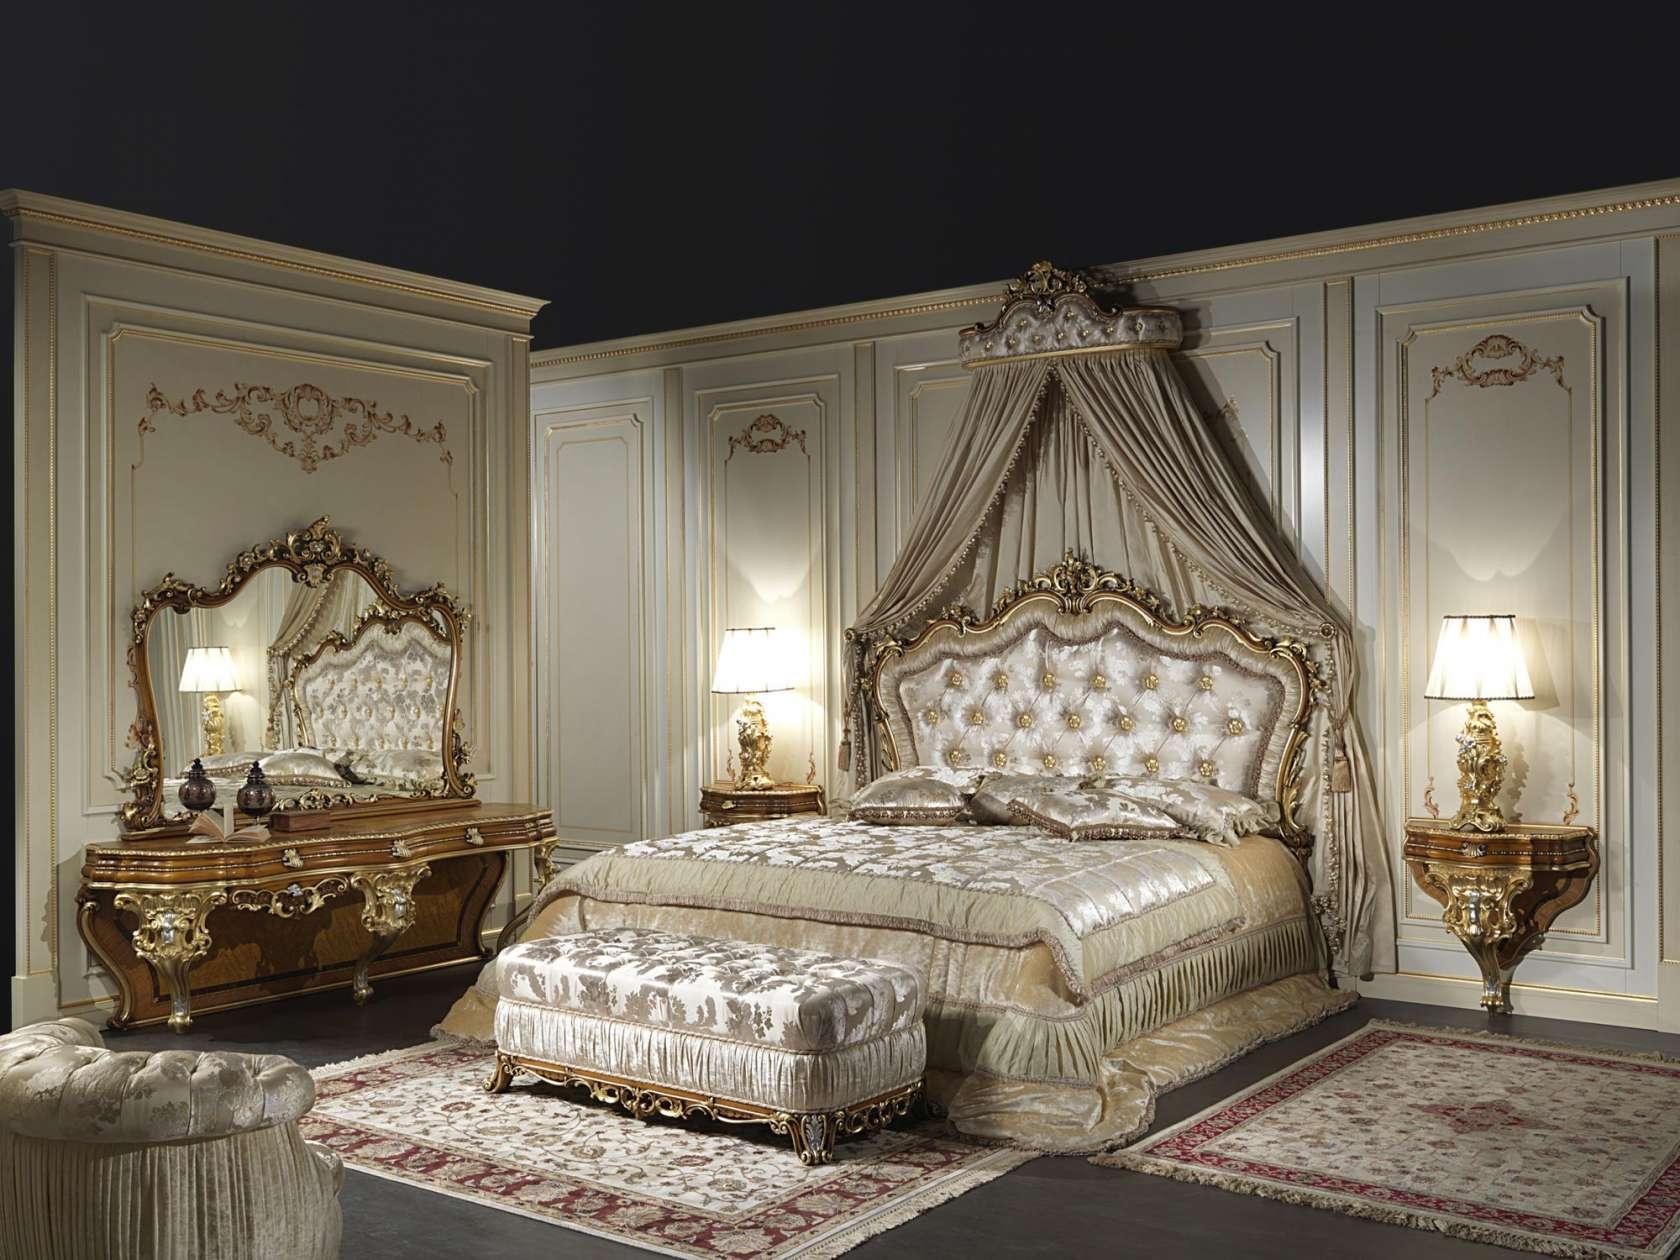 Letto matrimoniale classico in stile barocco art. 2013 | Vimercati Meda